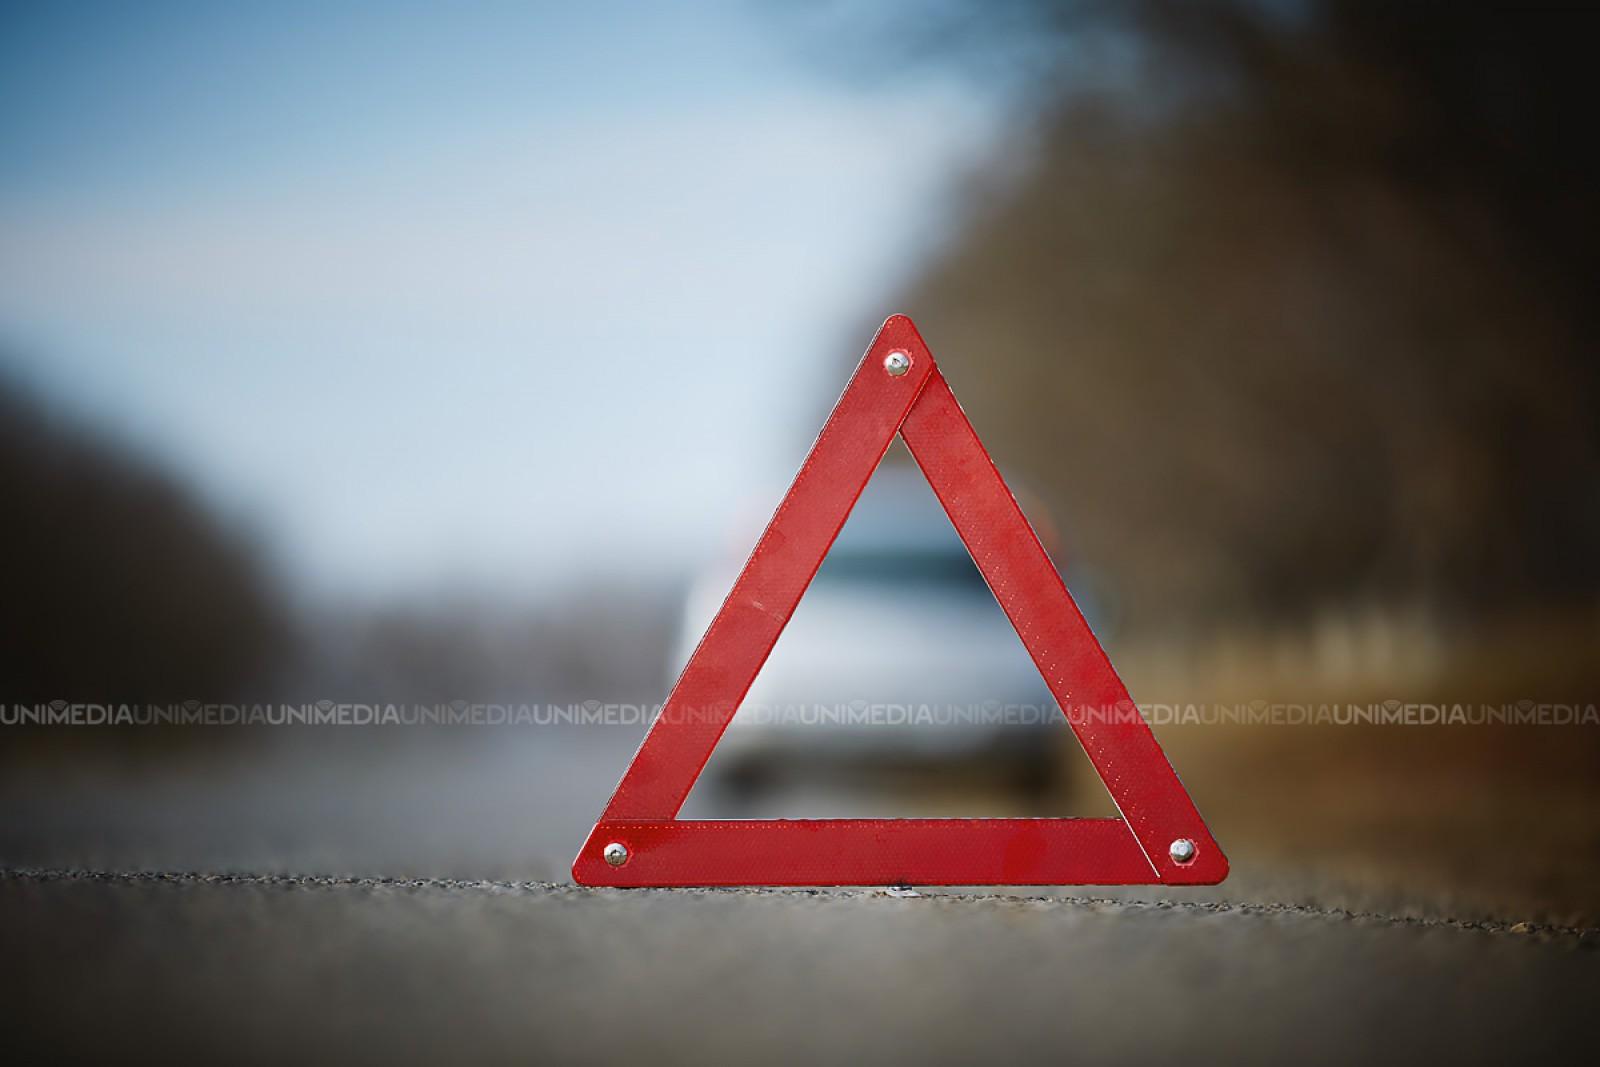 România: O șoferiță a lovit trei elevi pe trecerea de pietoni. Avea permisul de conducere de doar două săptămâni